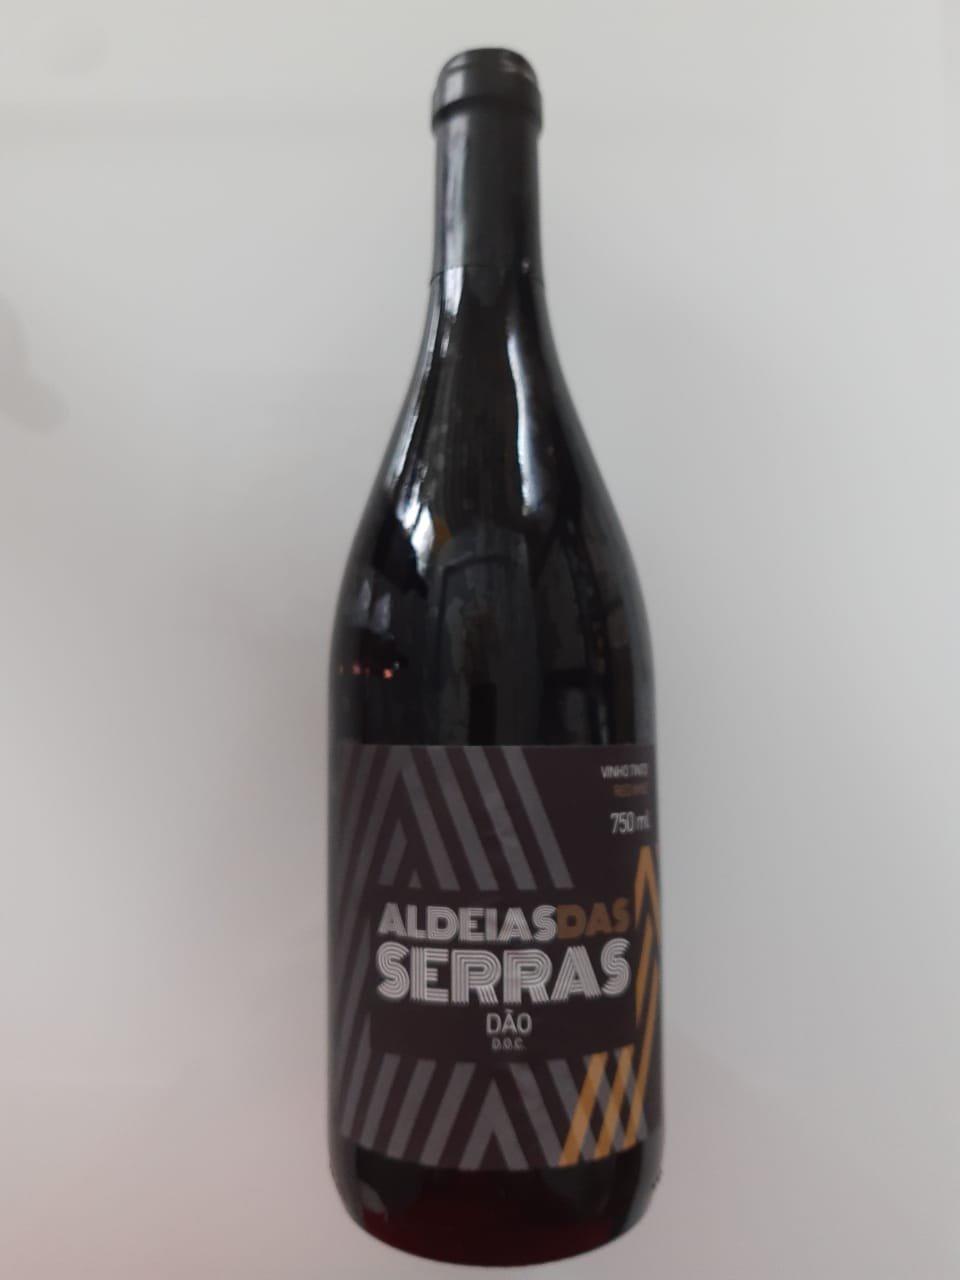 Vinho Aldeias Das Serras DOC Tinto 750ml